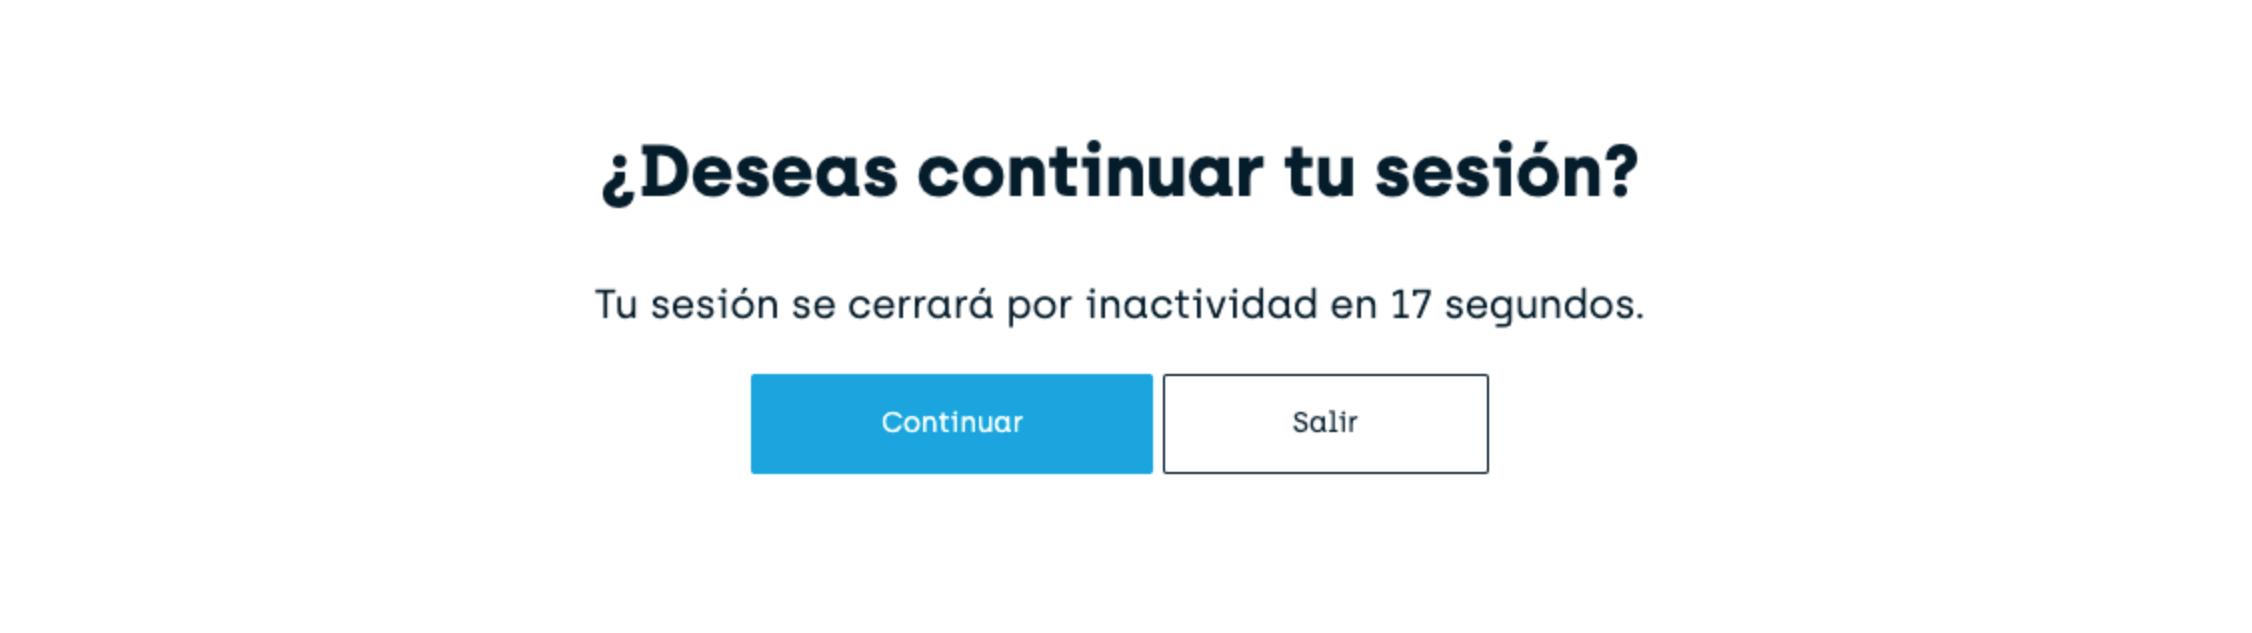 Pregunta para evitar cerrar sesión por inactividad en briq.mx